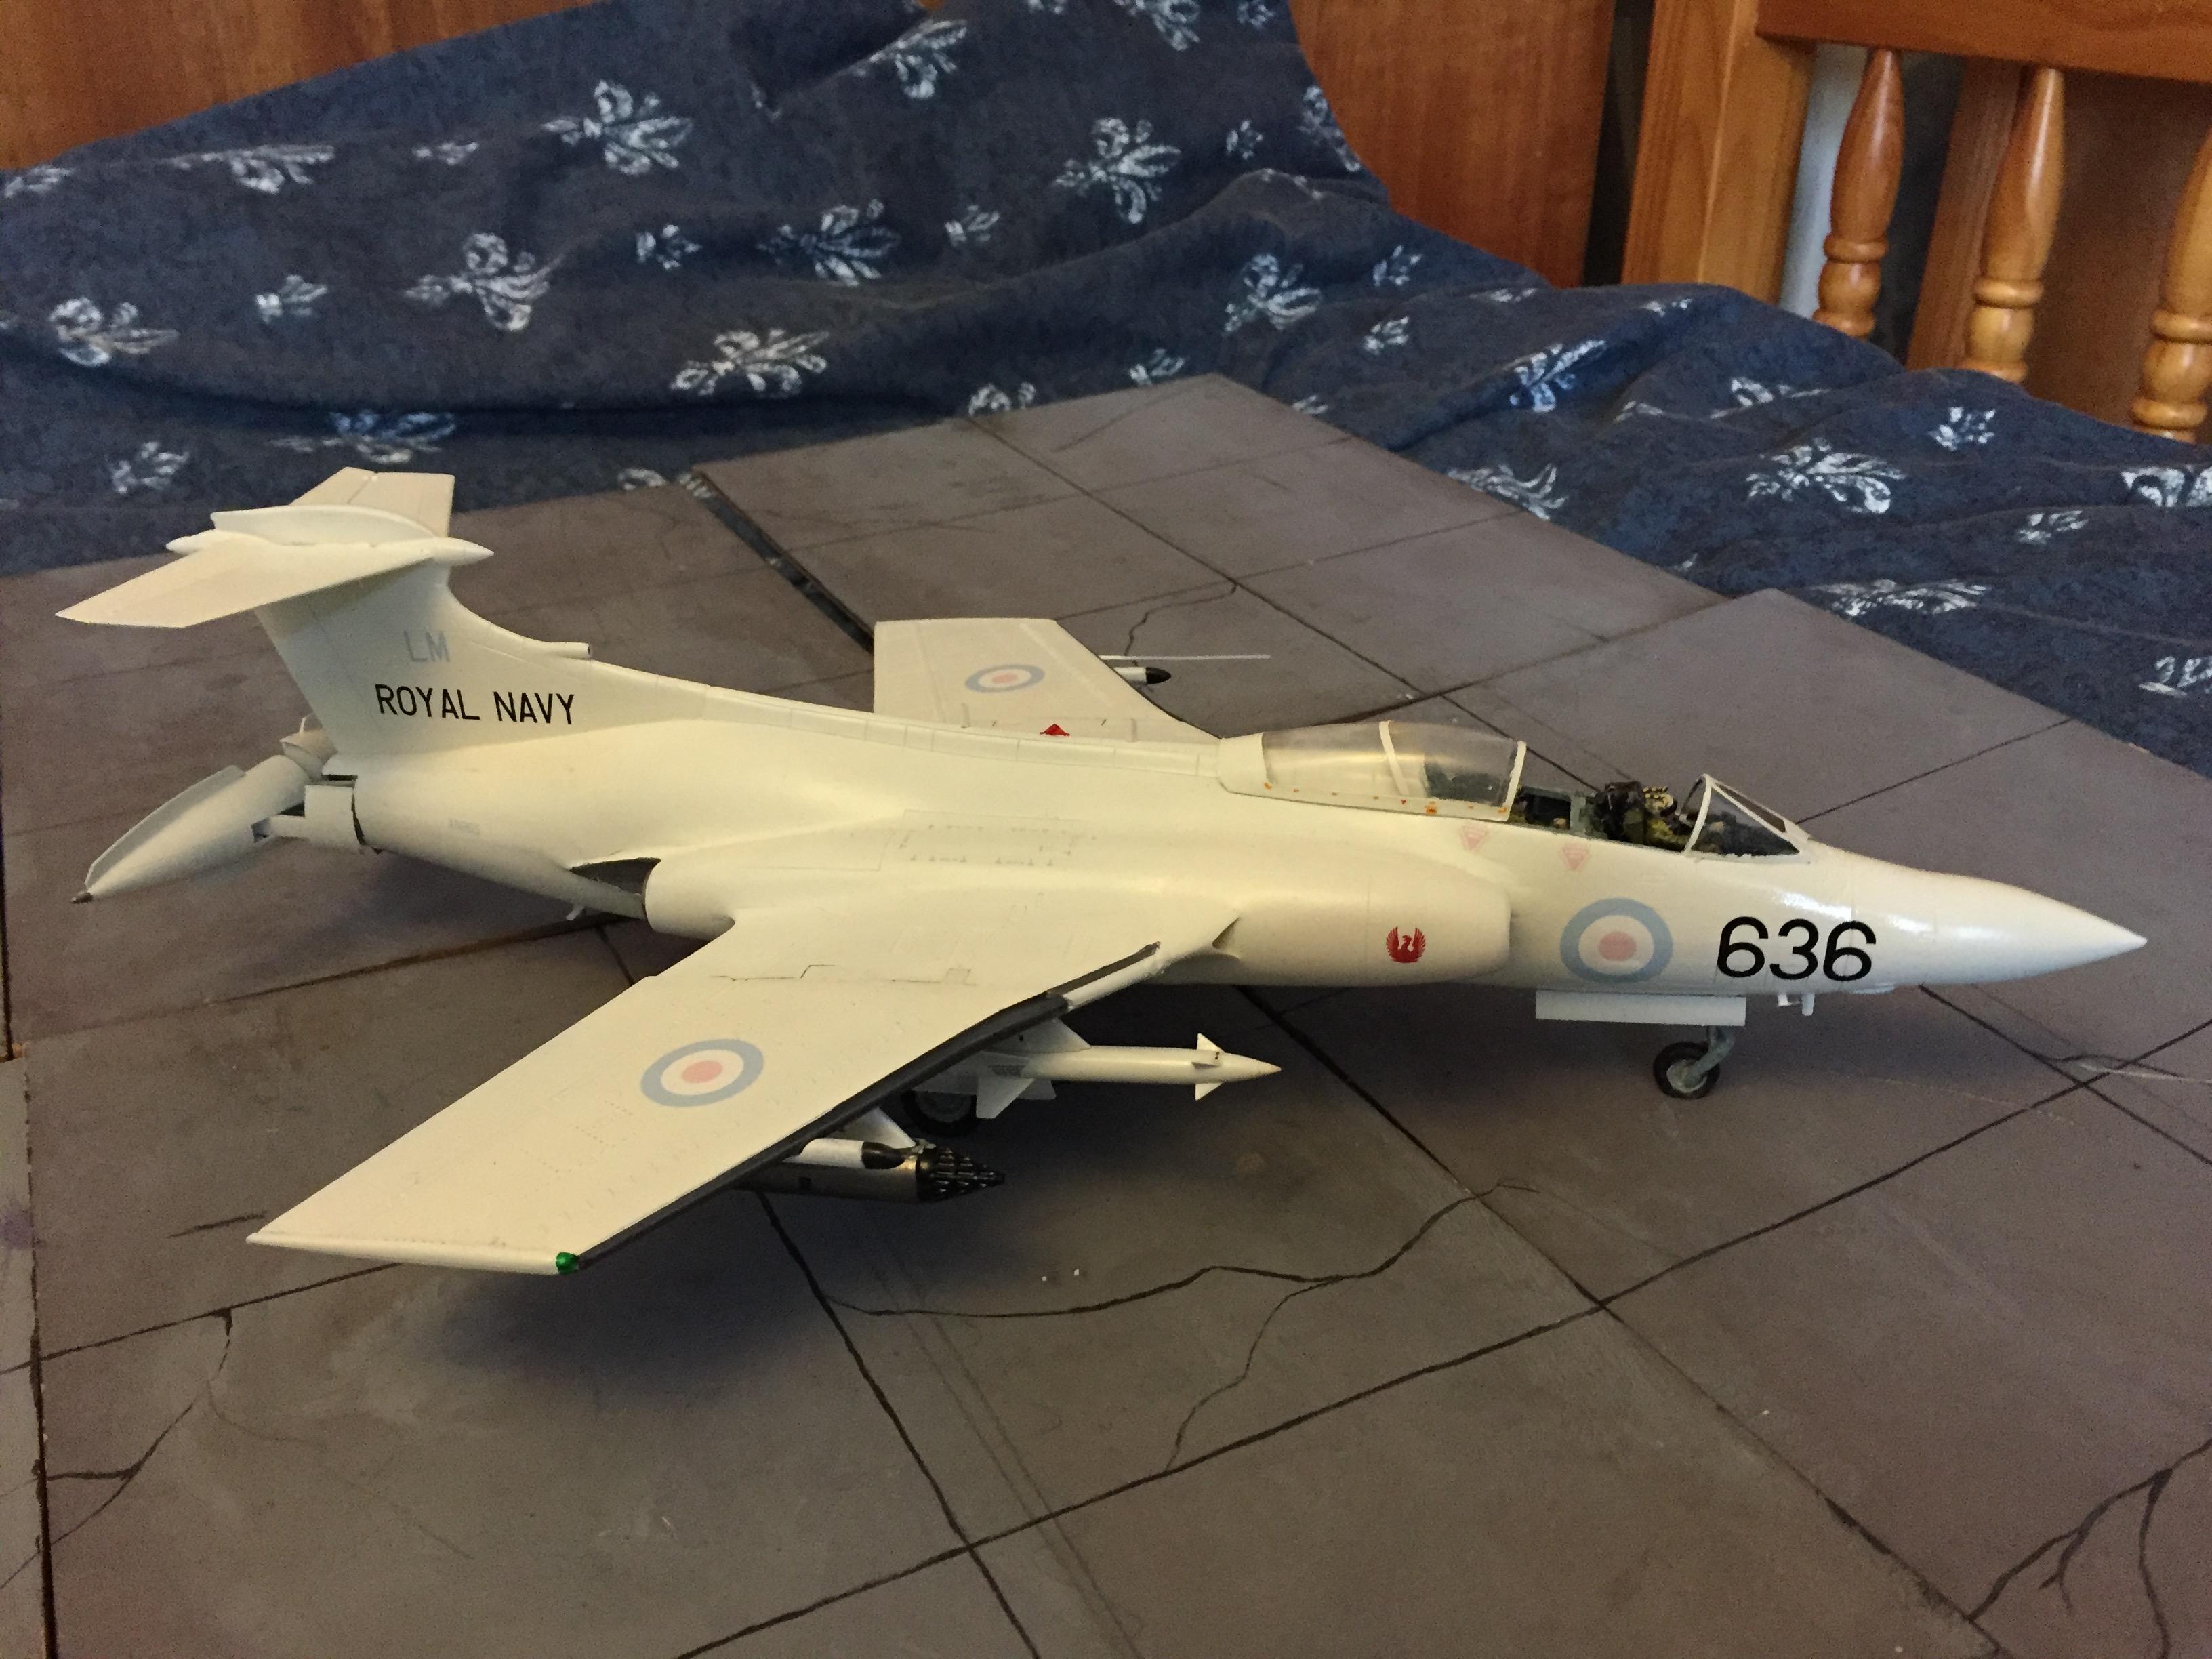 KPWM8565